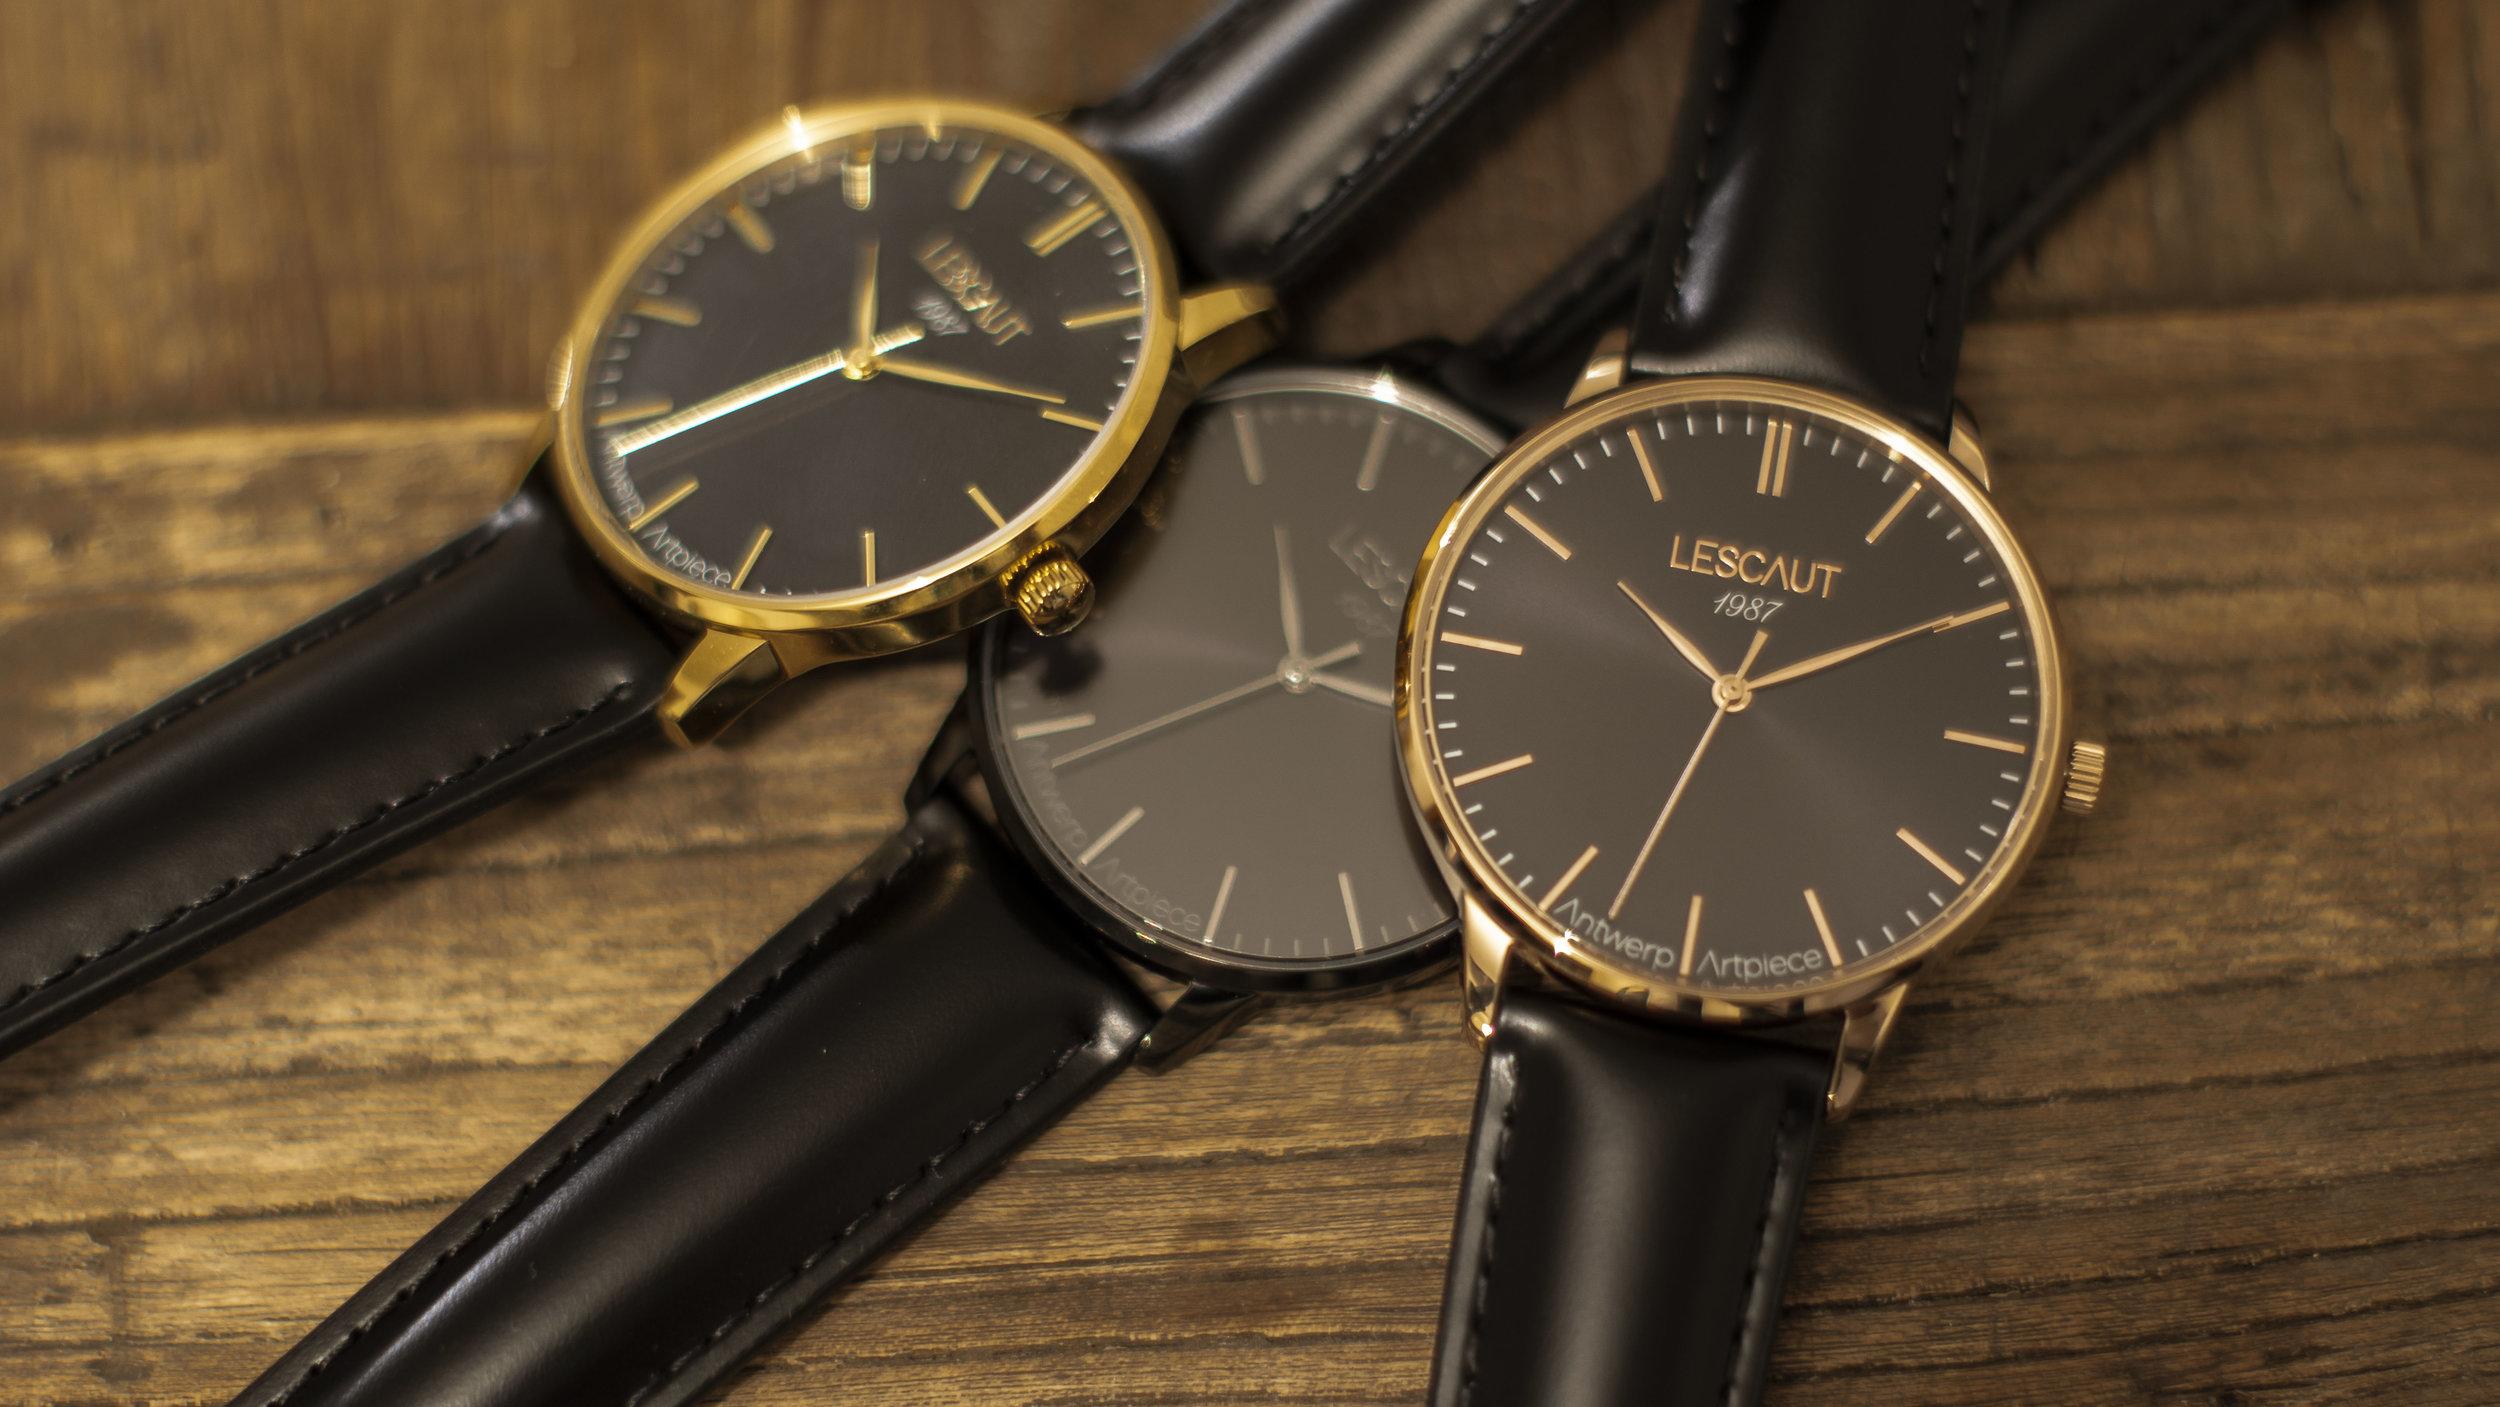 LESCAUT Antwerp Watches.jpg